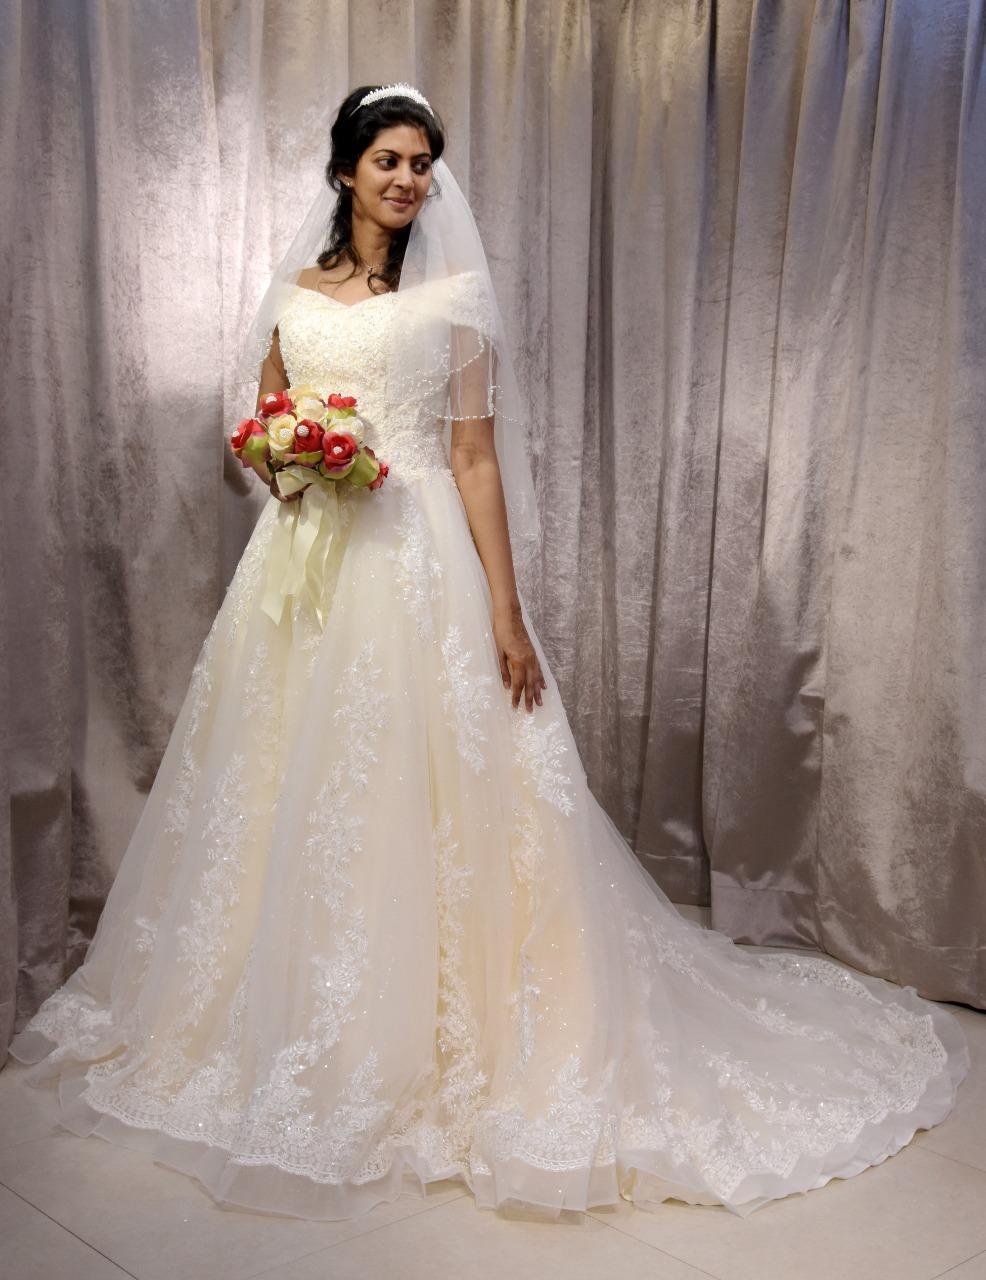 Christian Bridal Dresses | Christian Bridal Dresses In Chennai ...